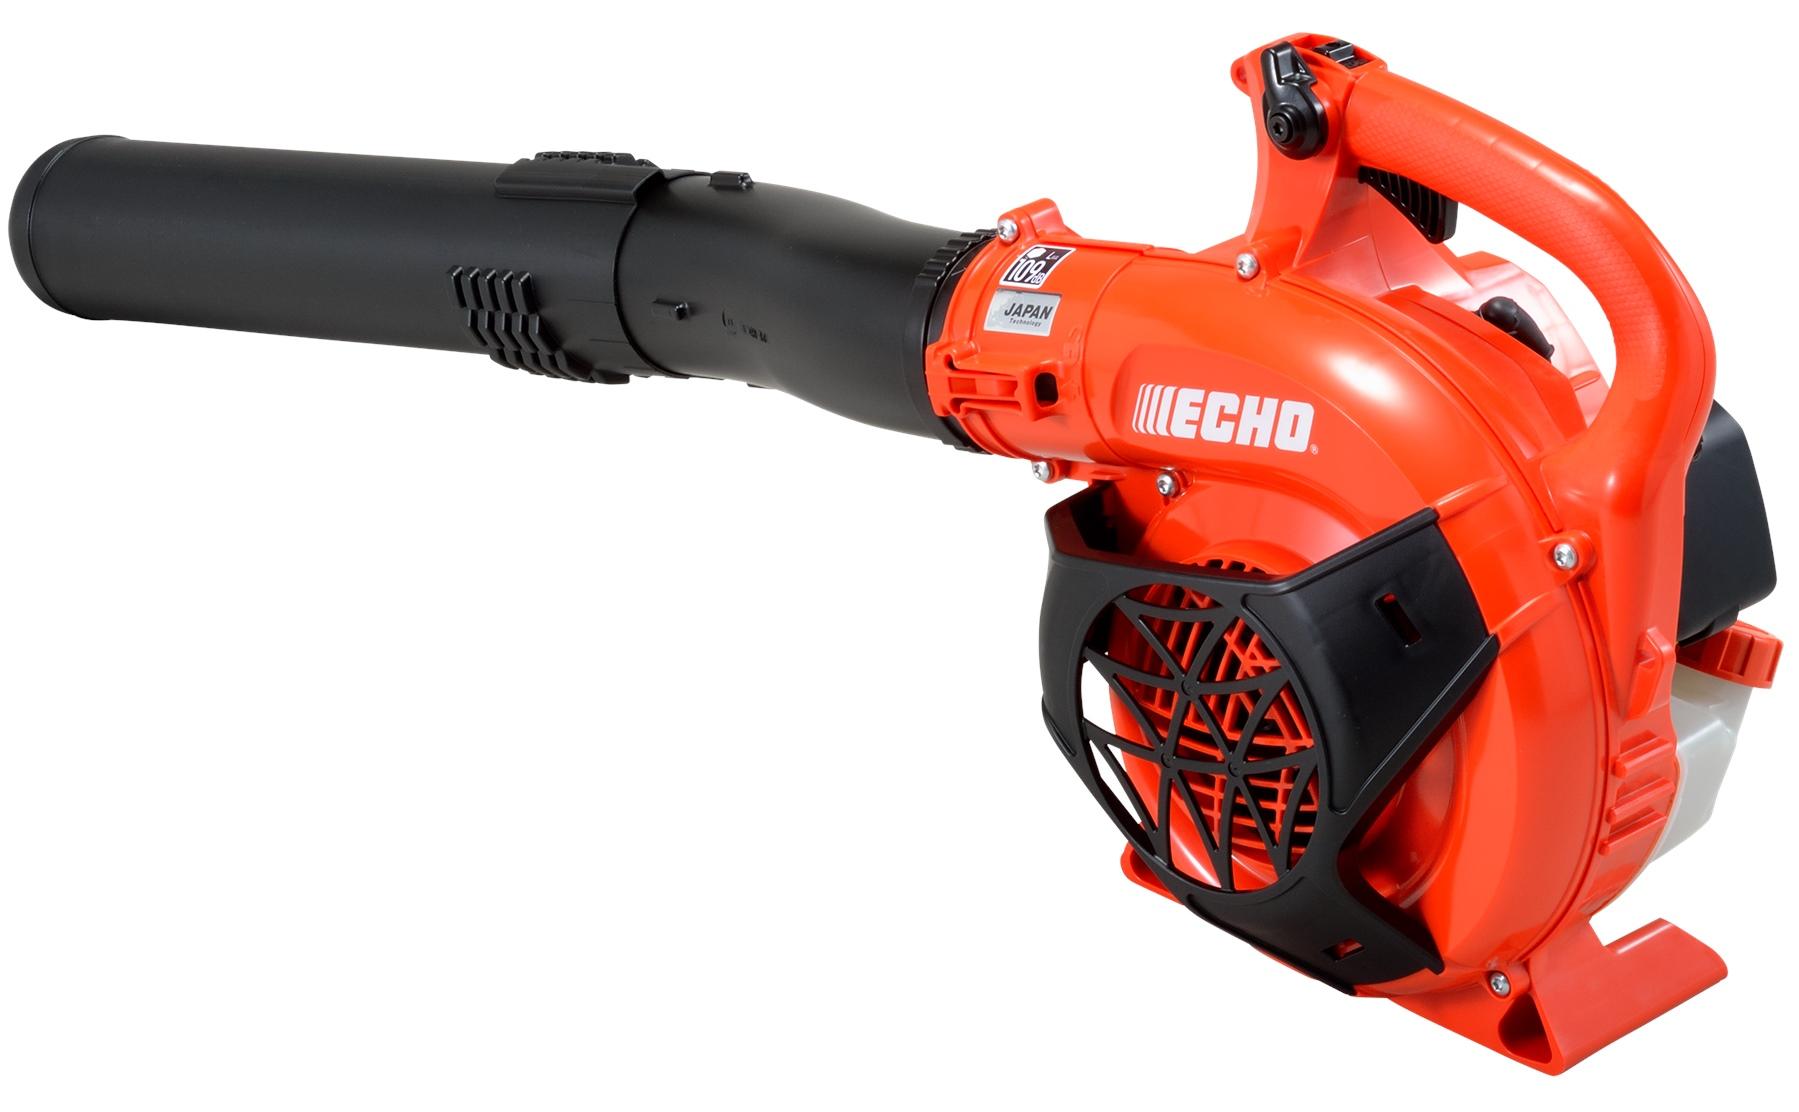 Echo PB2520 - Bläser mit einem Gewicht von nur 3,9 kg